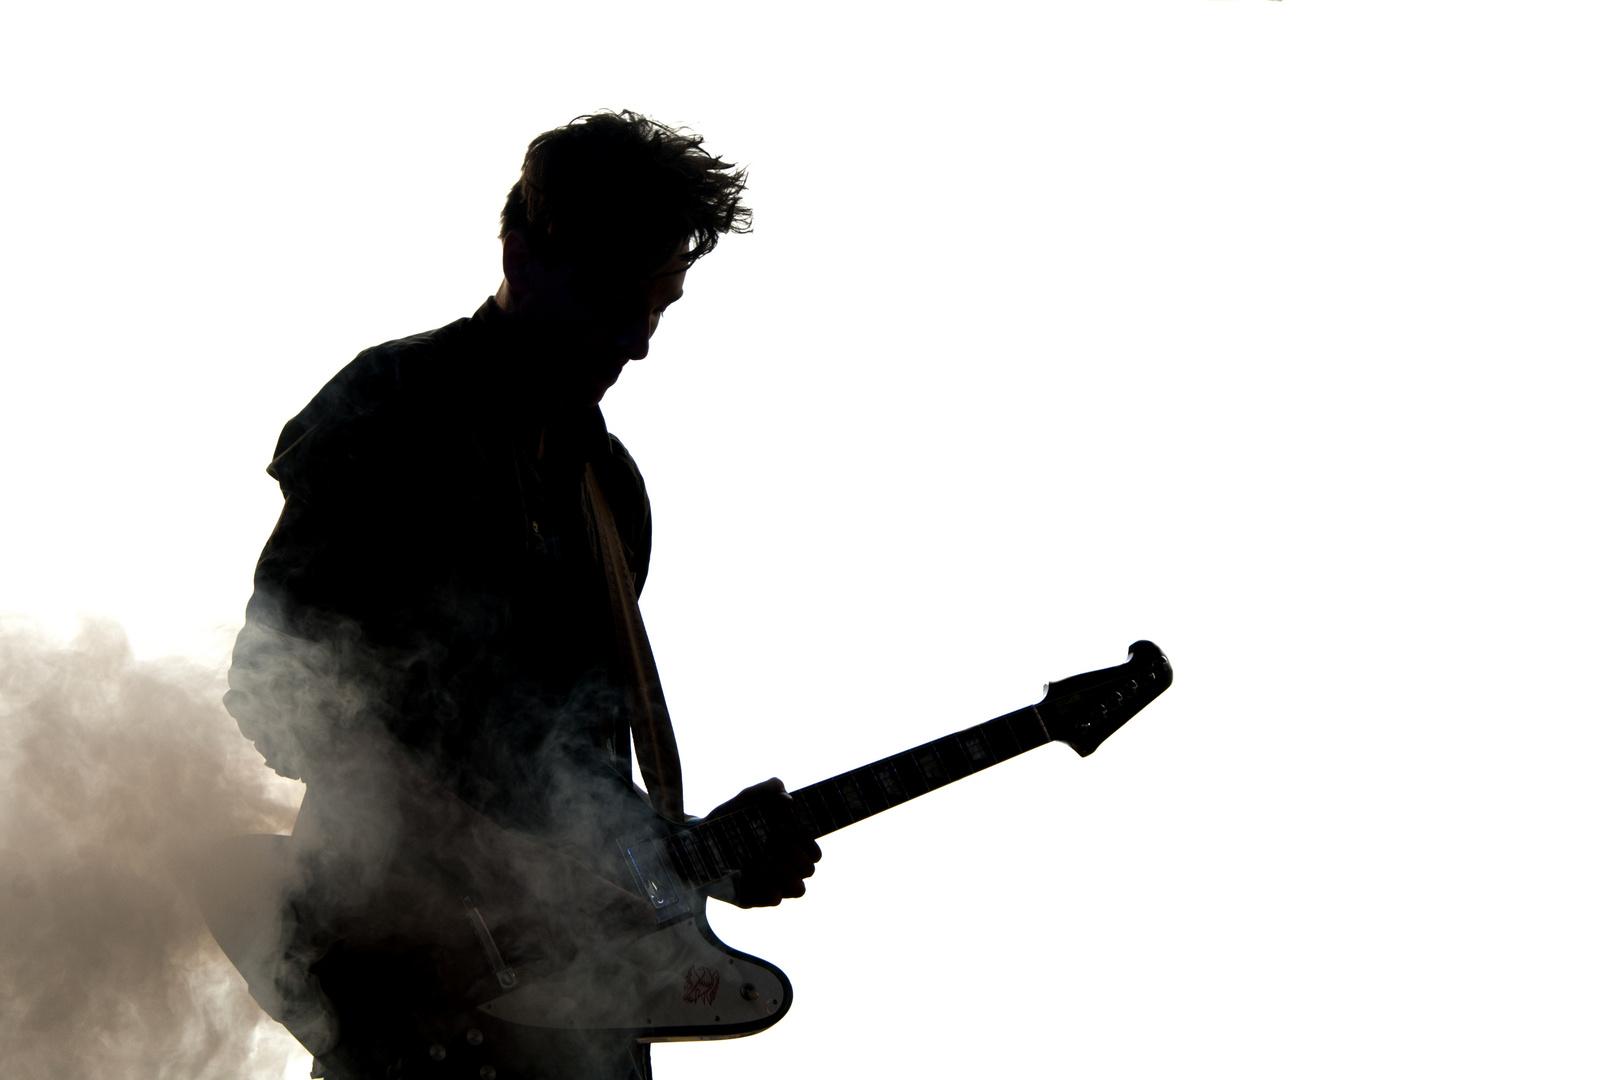 Der Rockgitarrist spielt...